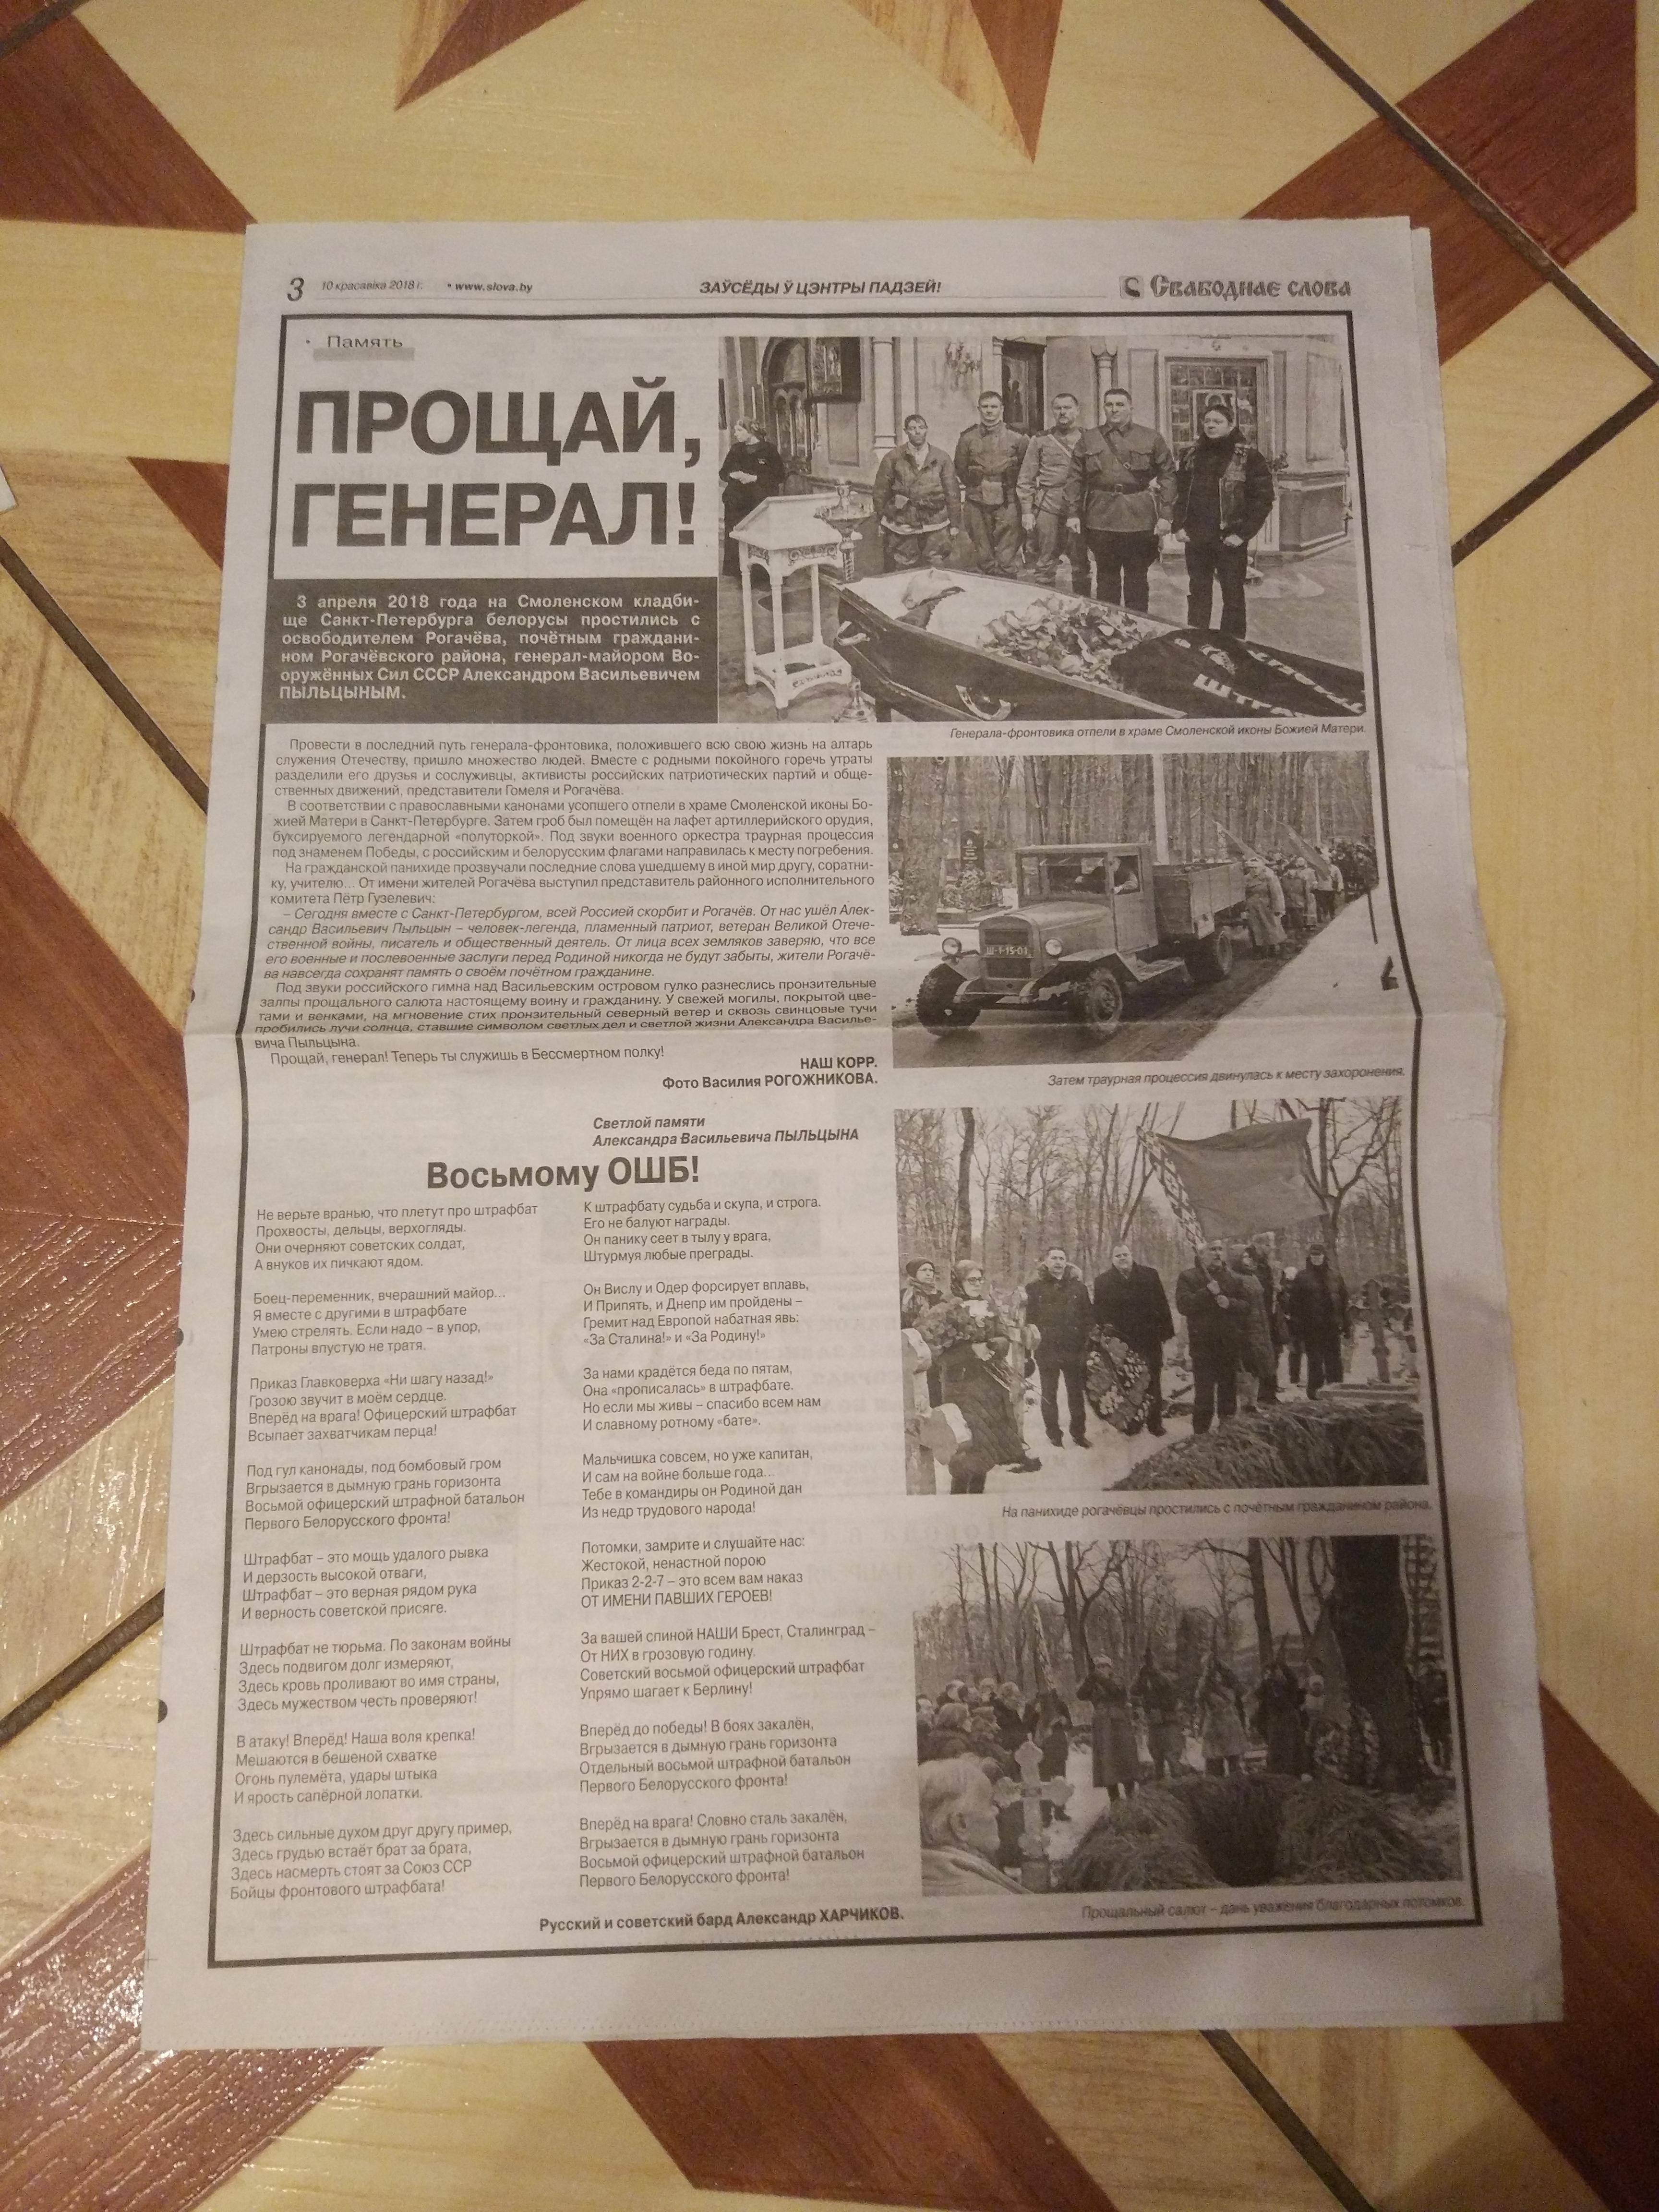 https://images.vfl.ru/ii/1529996190/d4a8a347/22253153.jpg